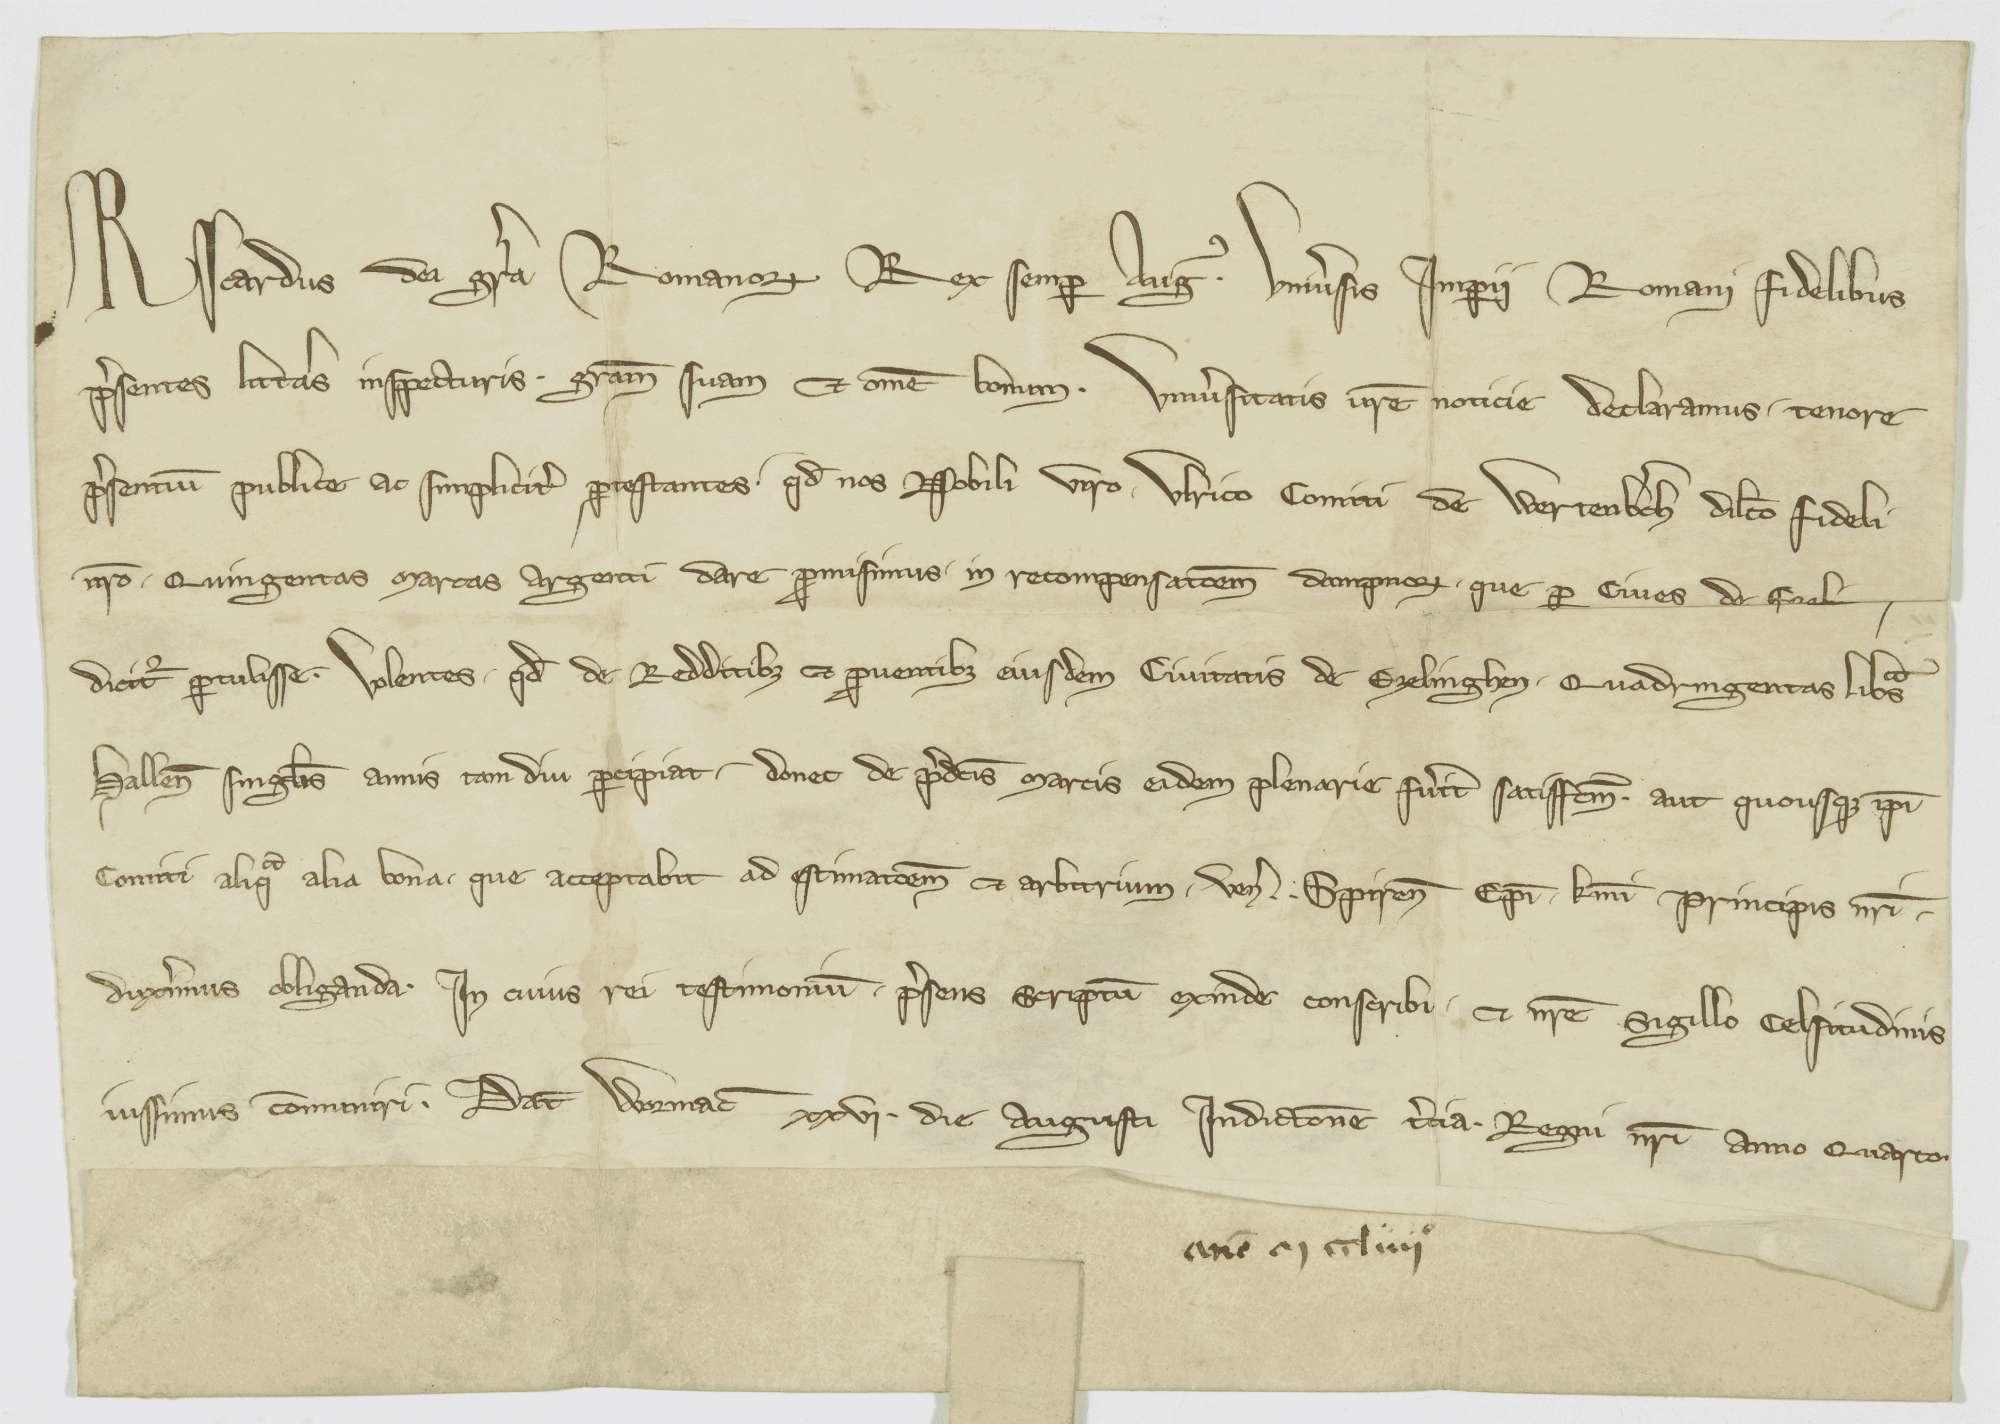 König Richard verspricht dem Grafen Ulrich von Württemberg 500 Mark Silber als Ersatz des ihm von den Esslingern zugefügten Schadens., Bild 1